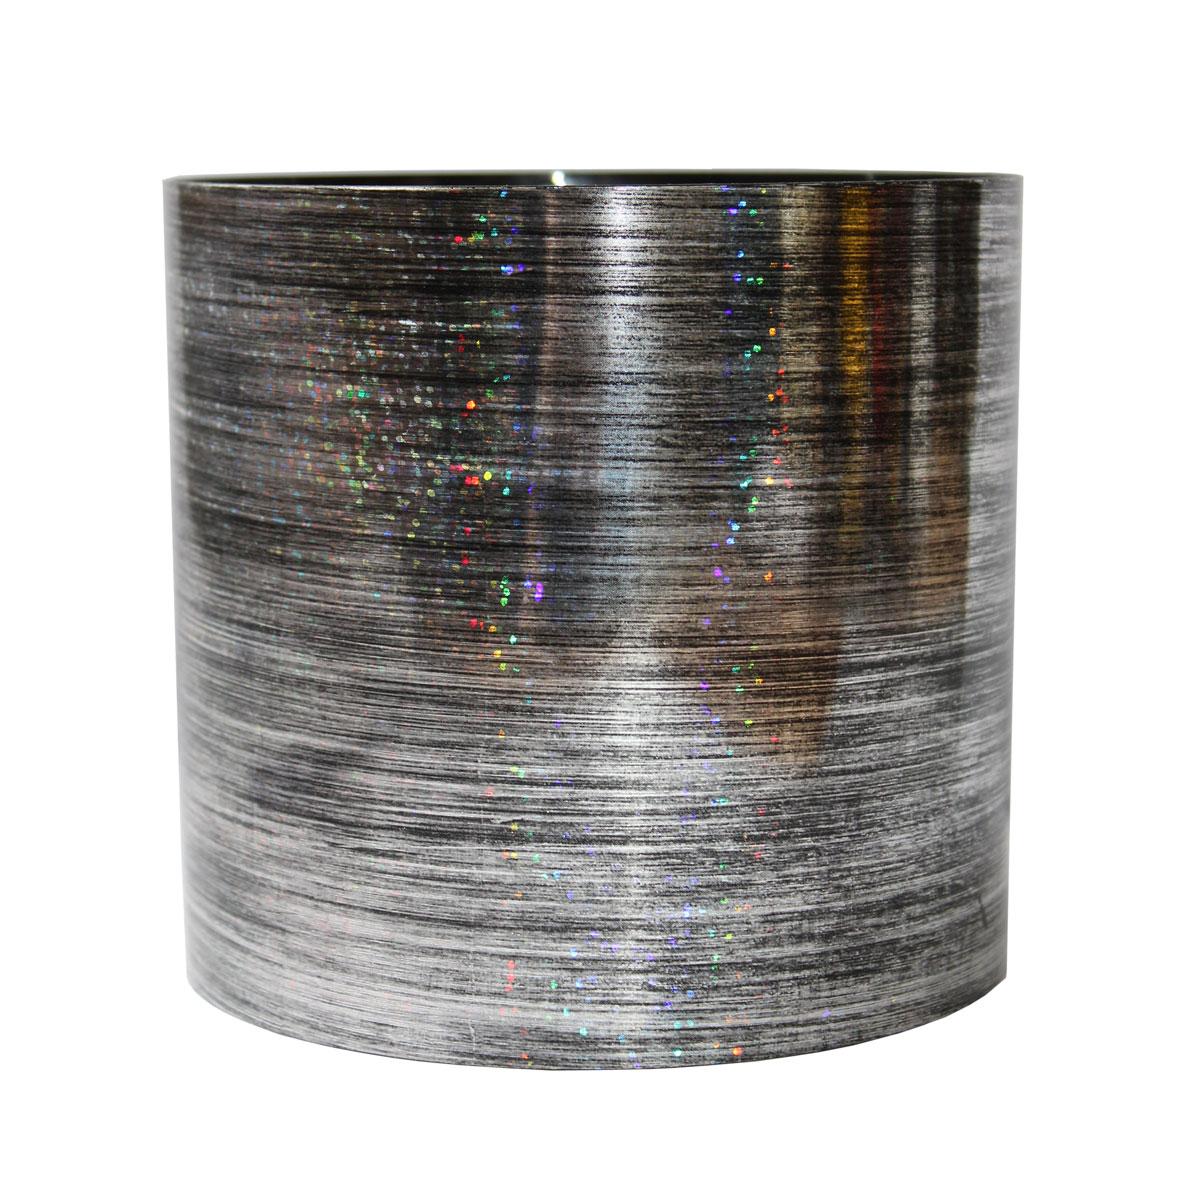 Горшок для цветов Miolla Серебро со скрытым поддоном, 5,1лSMG-46Декоративный горшочек Miolla c 3D рисунком. Хорошо будут смотреться как основа для топиариев и флористических композиций. А так же замечательно для комнатных цветов. Со скрытым поддоном.